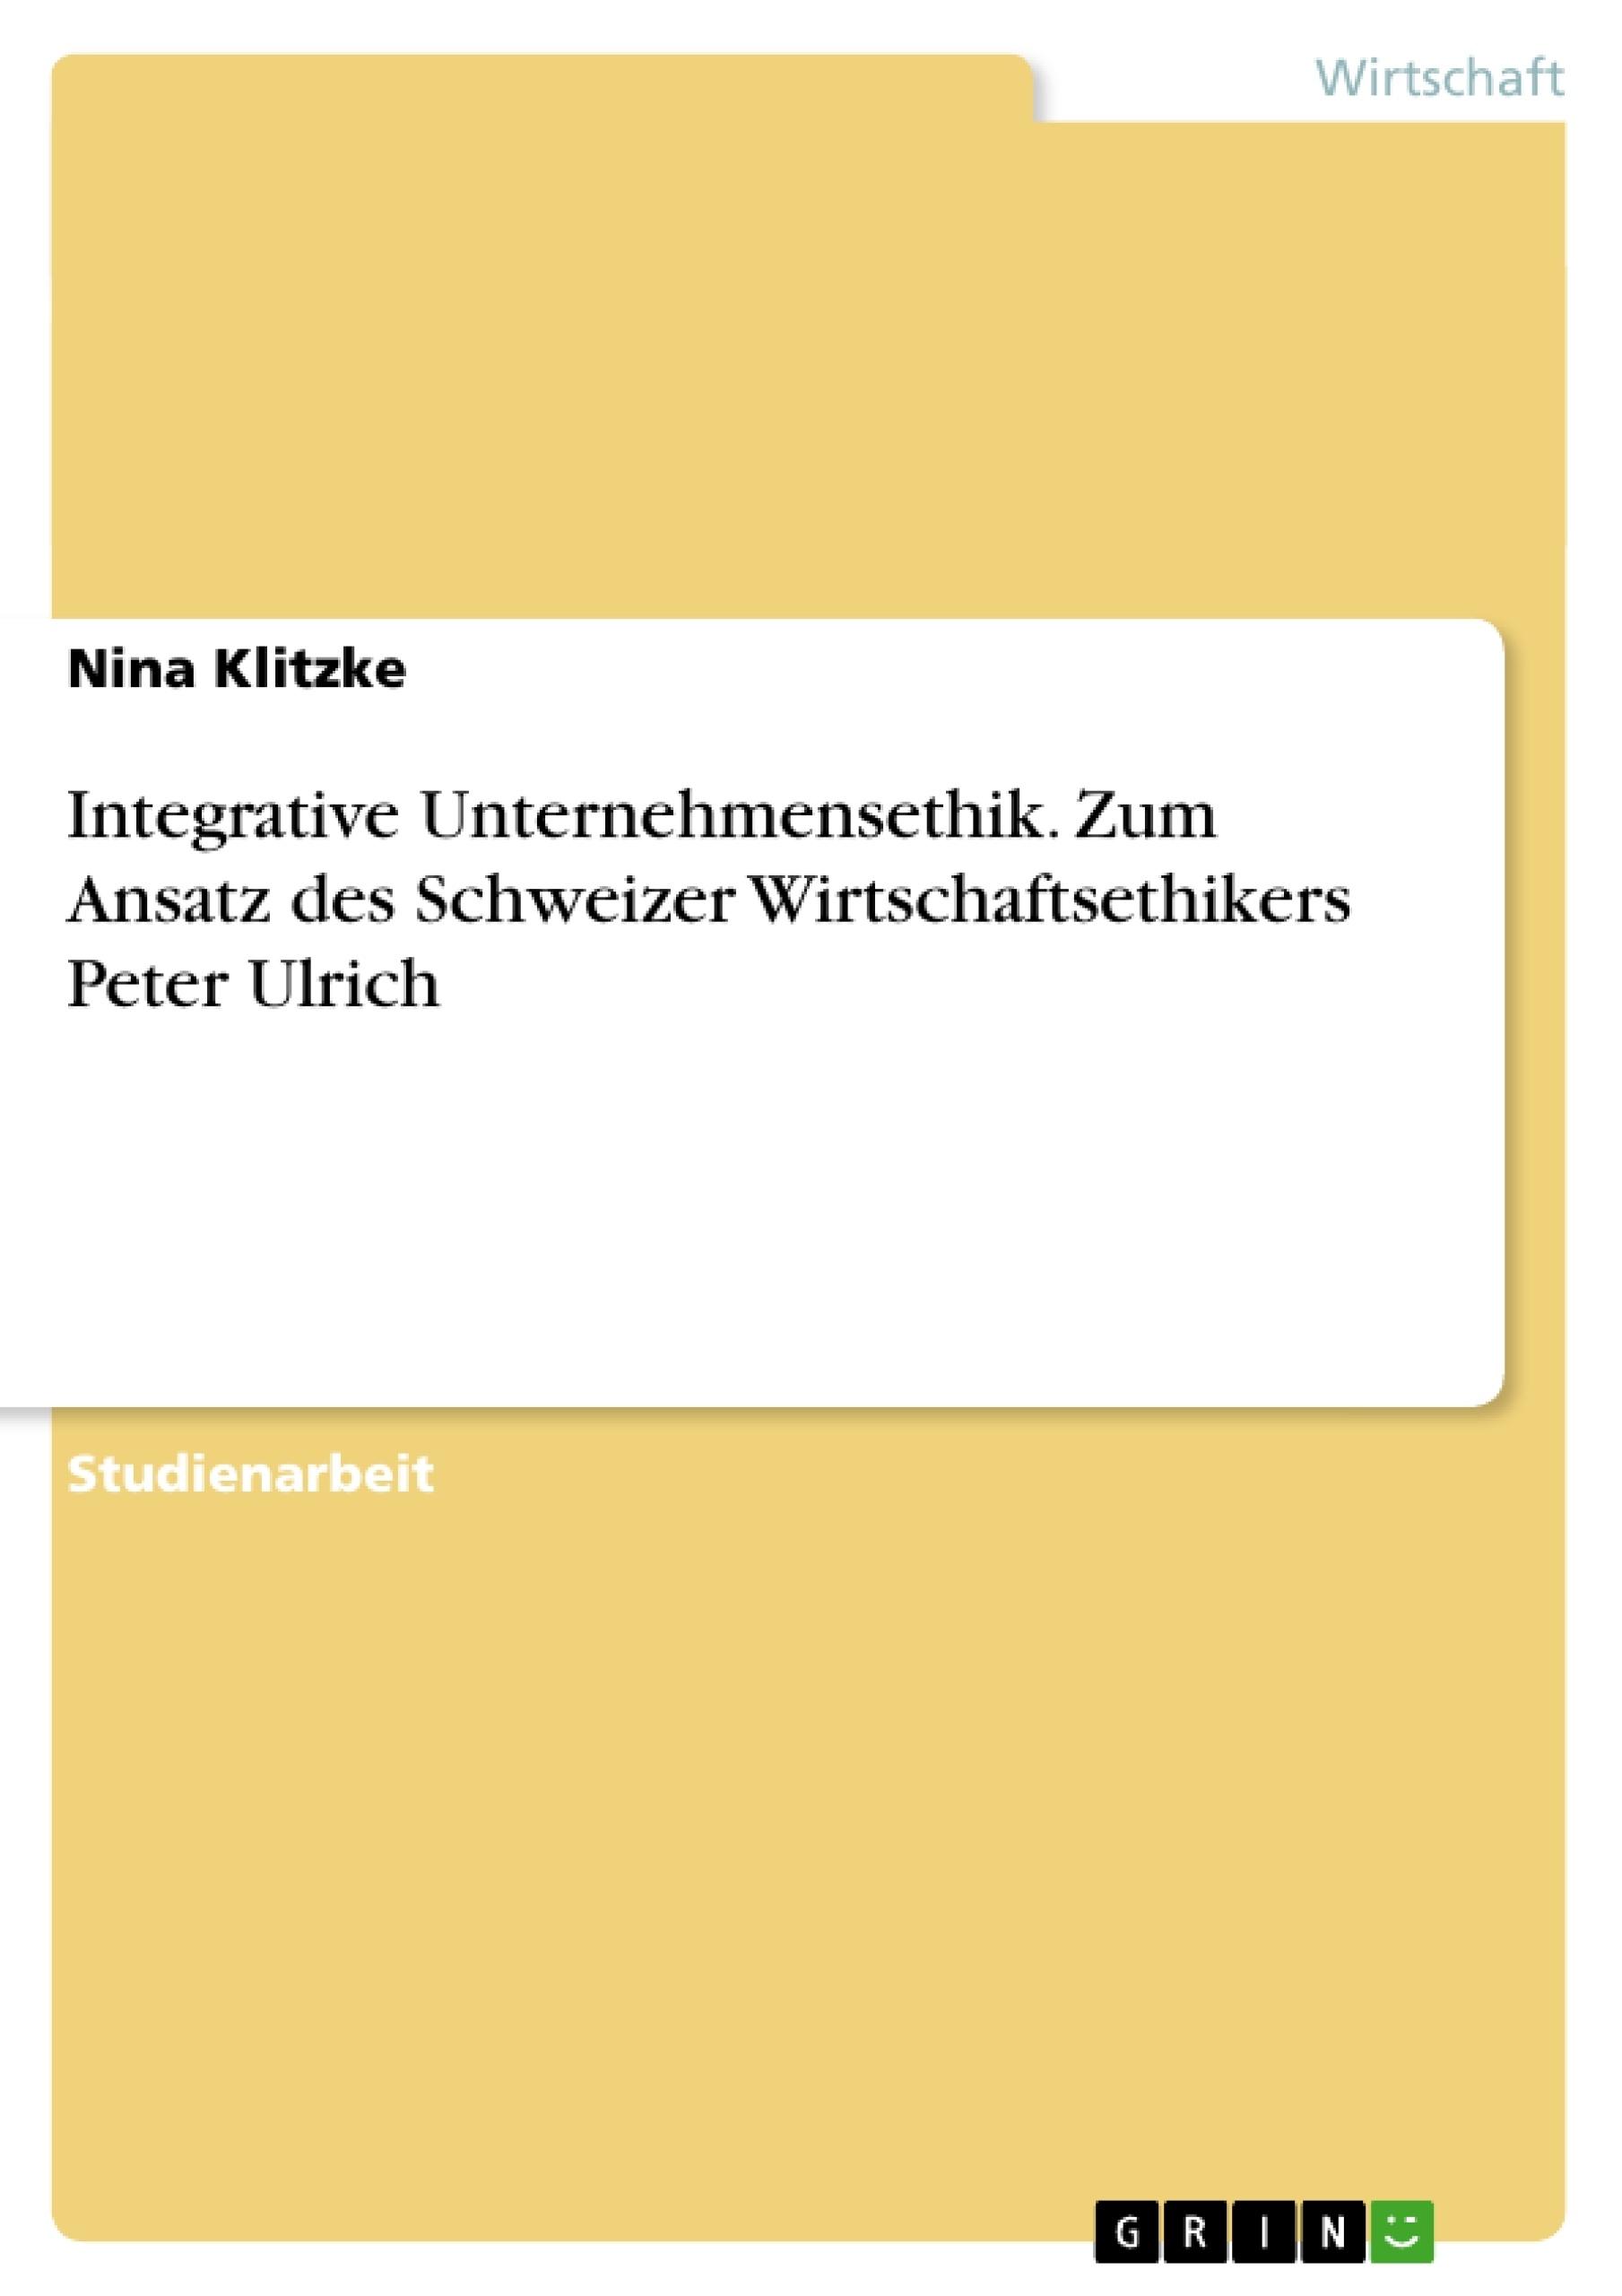 Titel: Integrative Unternehmensethik. Zum Ansatz des Schweizer Wirtschaftsethikers Peter Ulrich